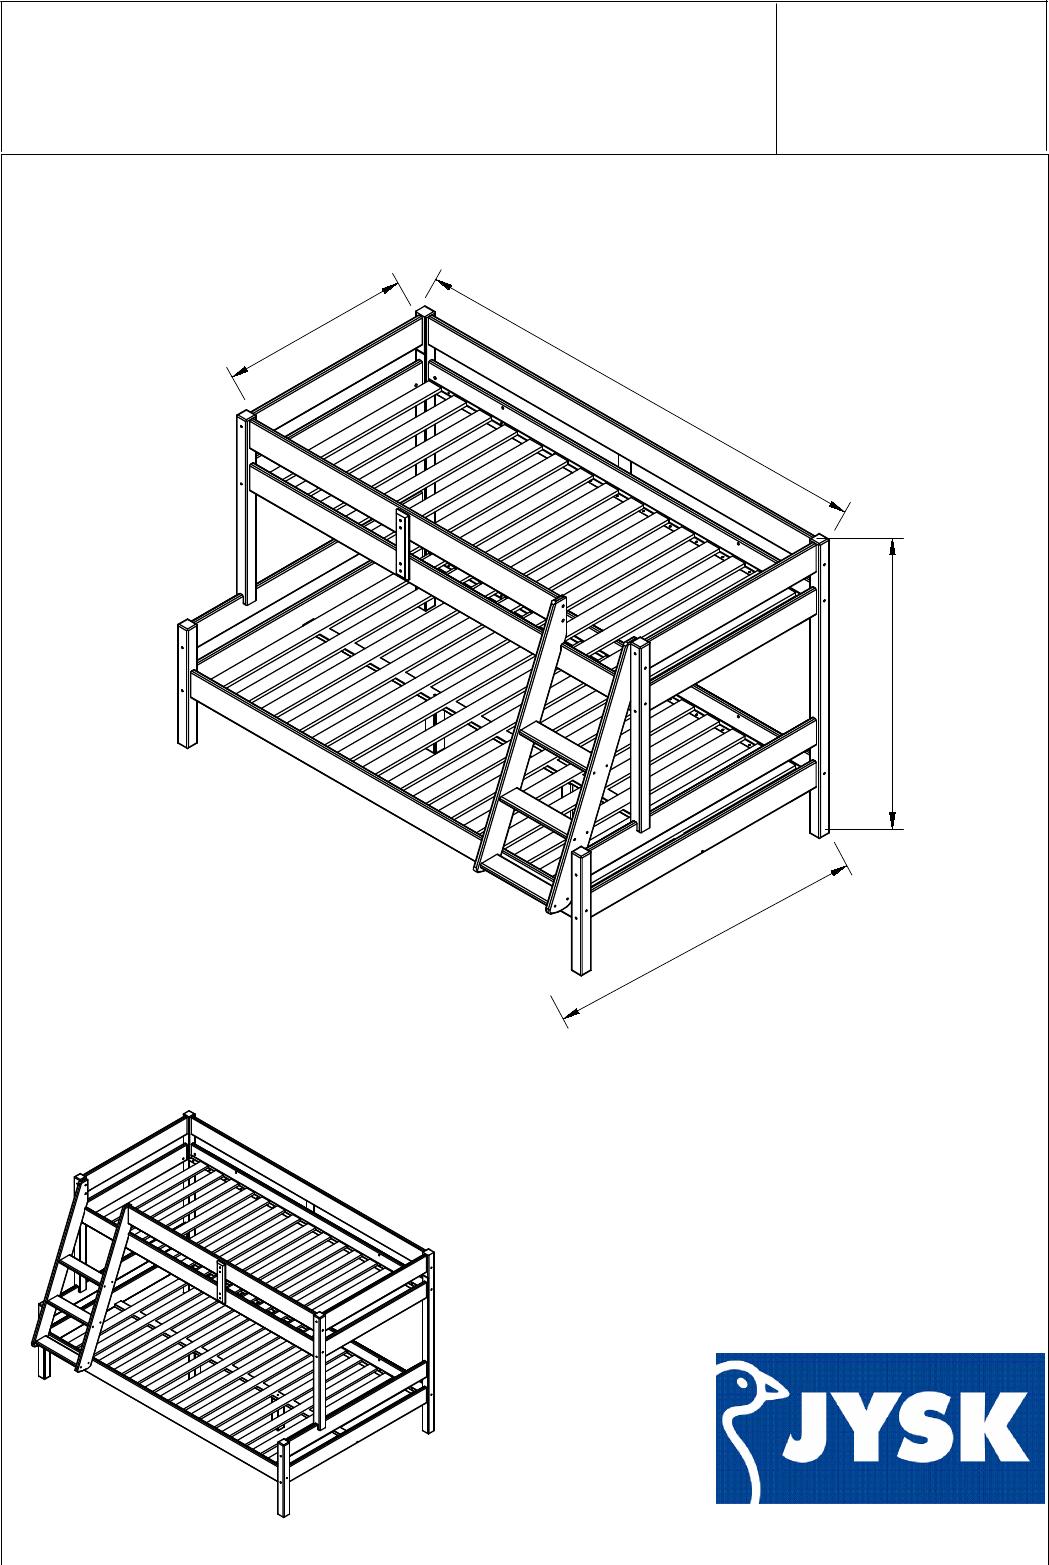 Instrukcja Obsługi Jysk Hjallerup 15 Stron